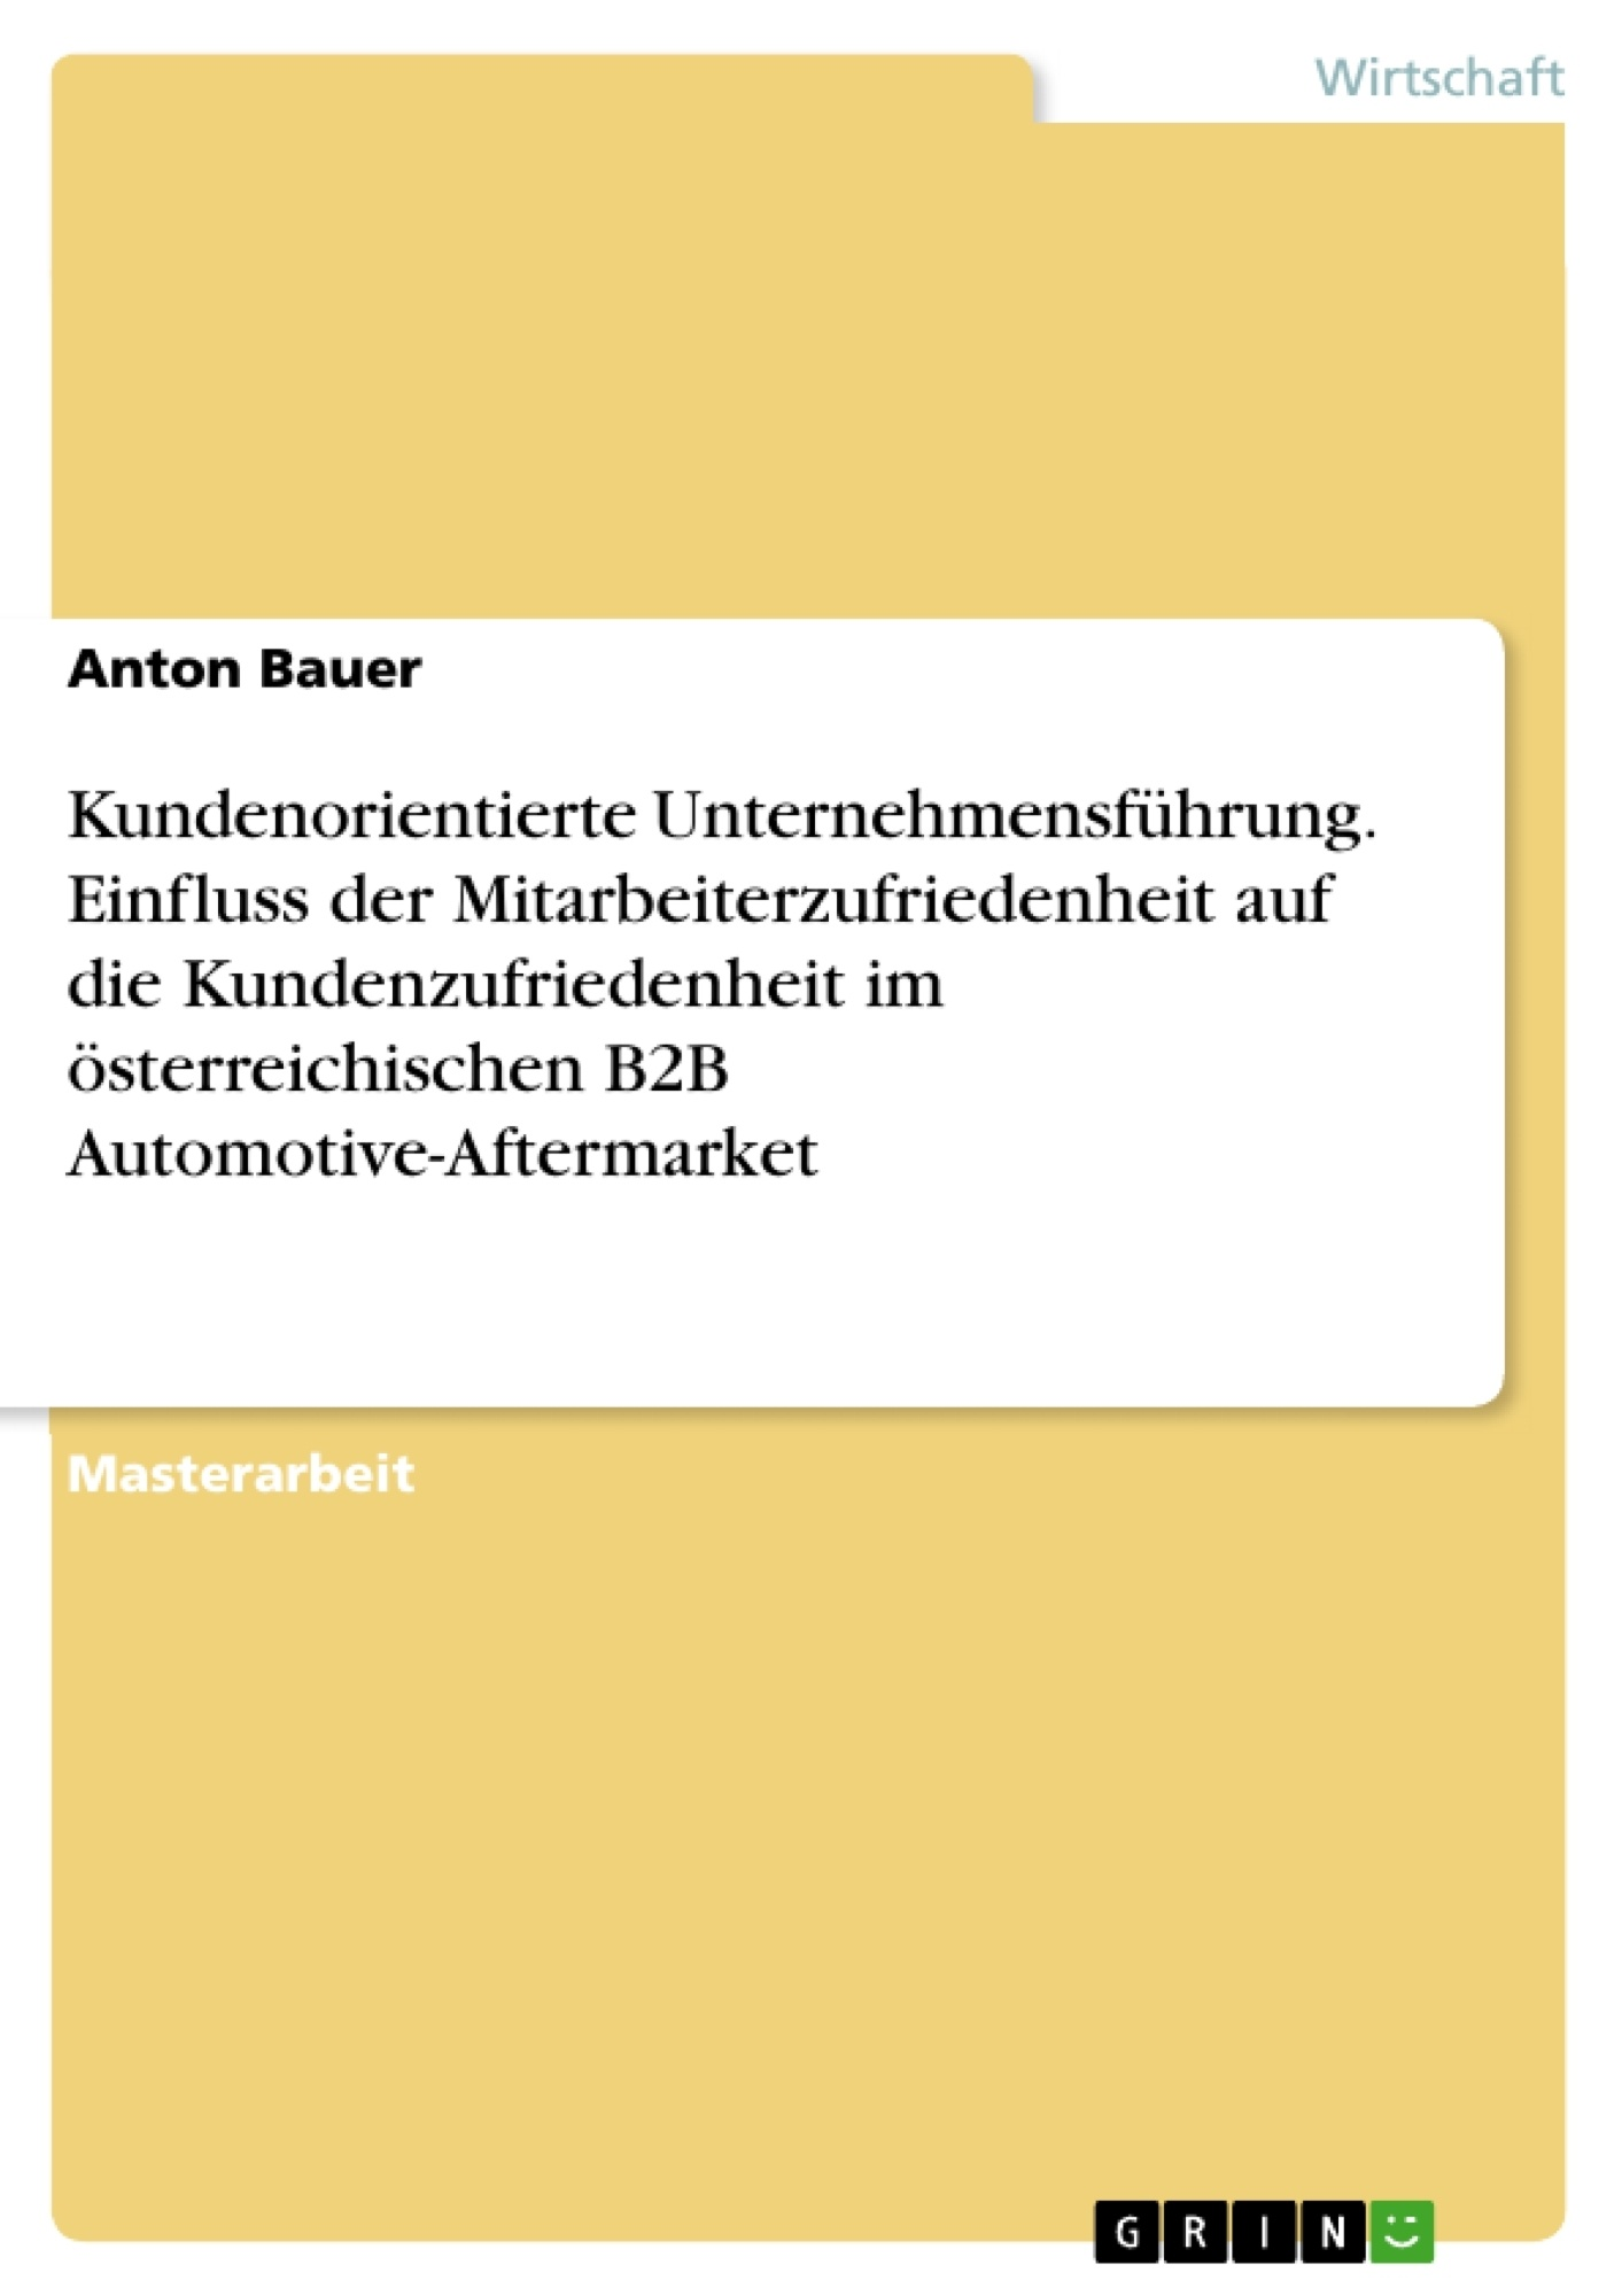 Titel: Kundenorientierte Unternehmensführung. Einfluss der Mitarbeiterzufriedenheit auf die Kundenzufriedenheit im österreichischen B2B Automotive-Aftermarket